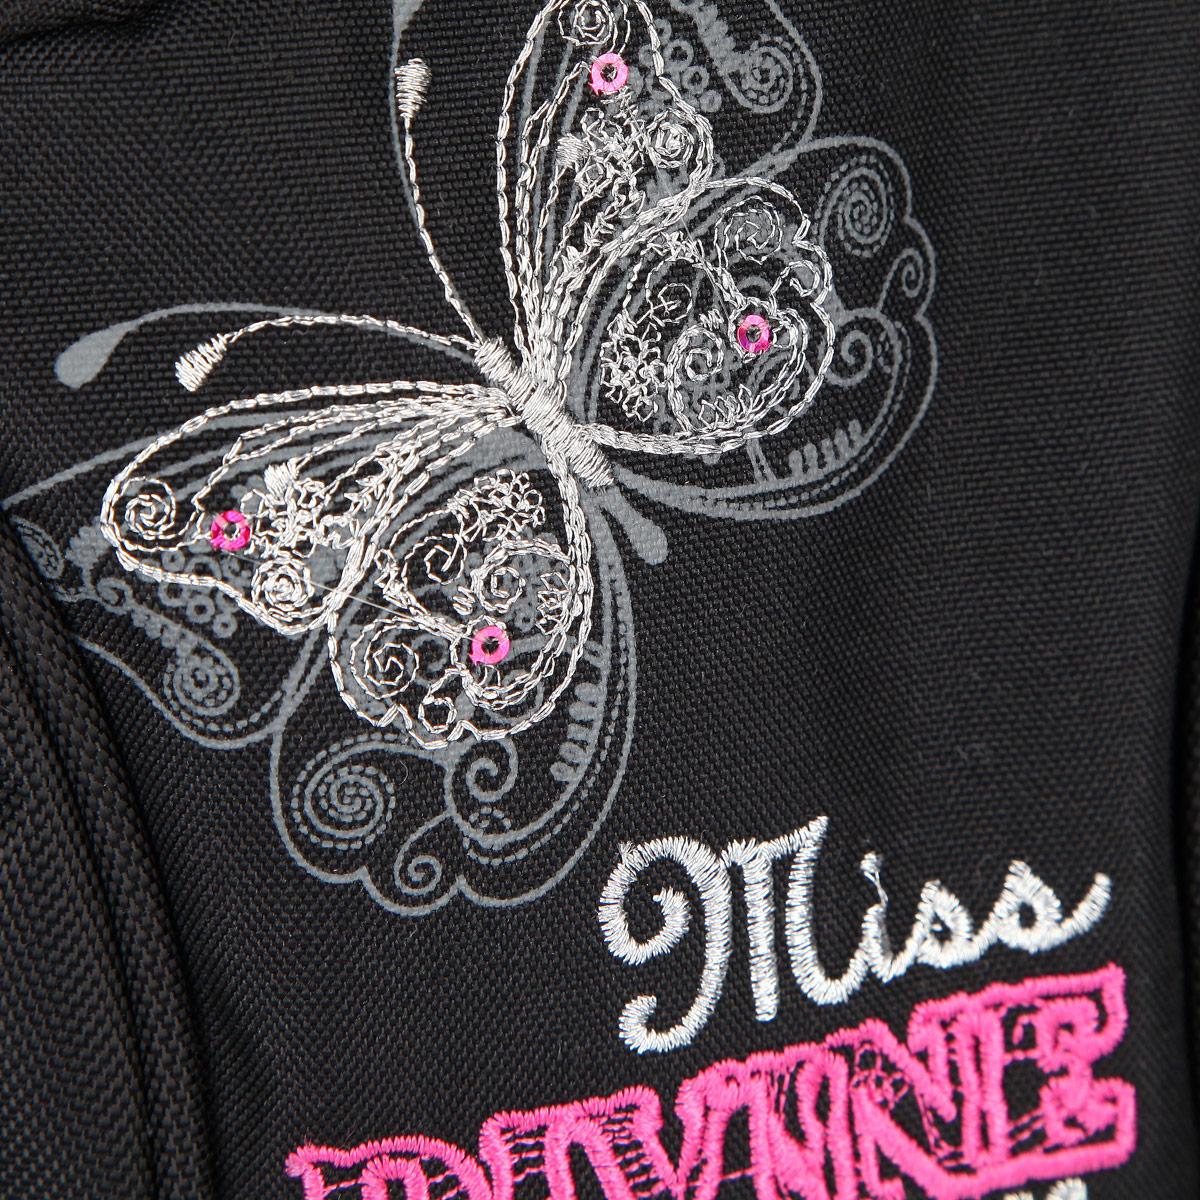 """Рюкзак школьный Steiner """"MISS DIVINE"""", цвет: розовый, черный. 12-252-3"""